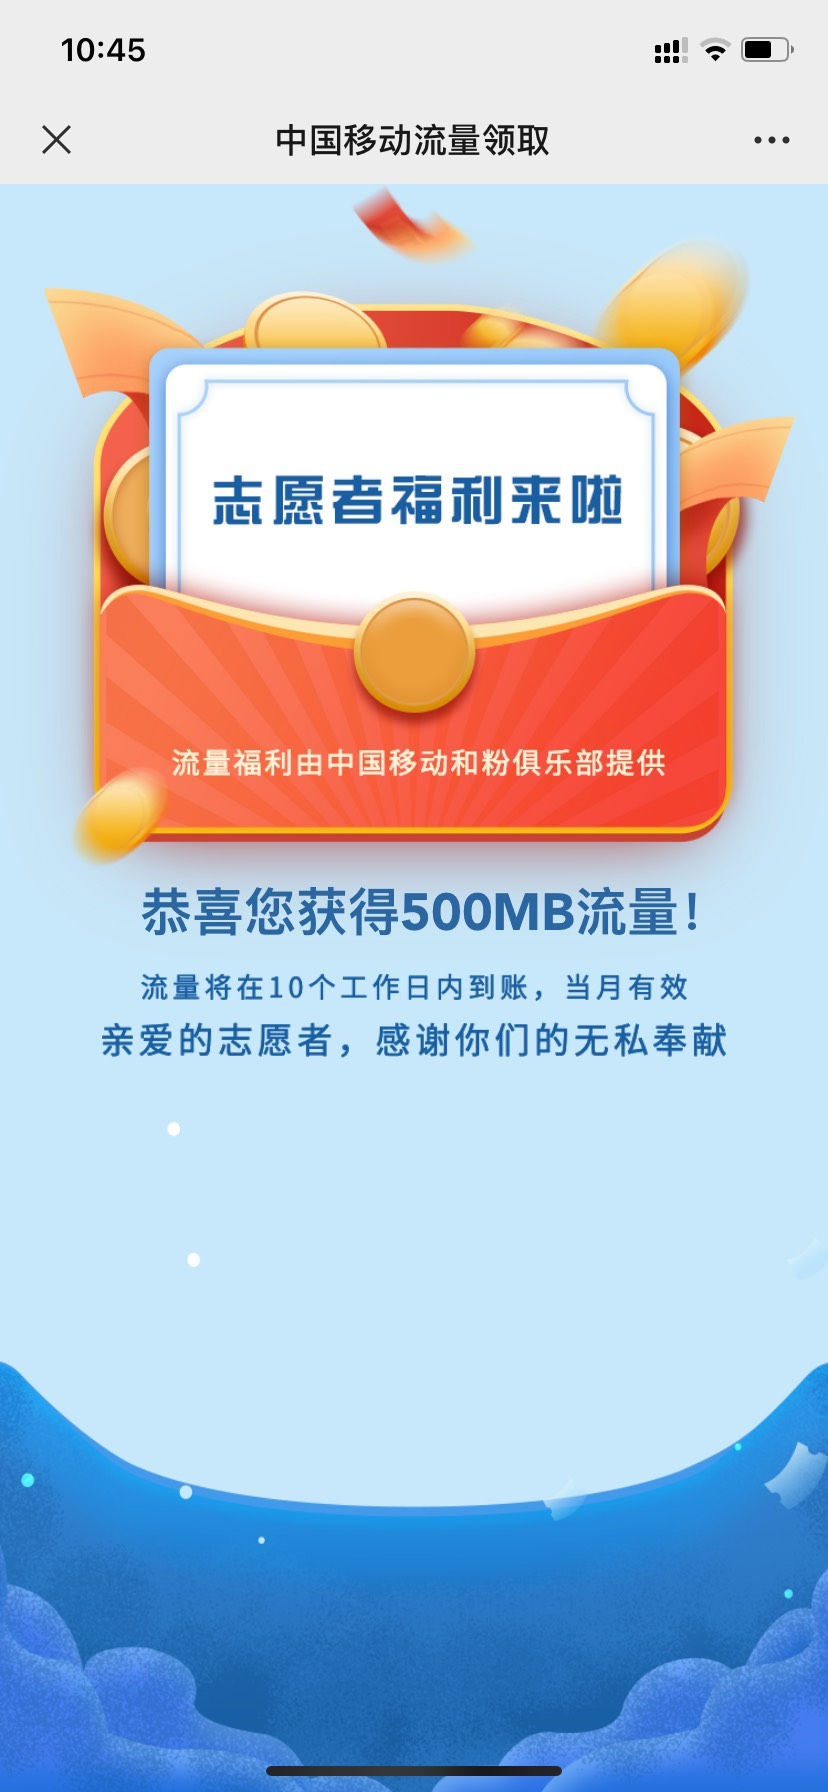 【话费流量】免费领取全国移动500Mb流量-聚合资源网